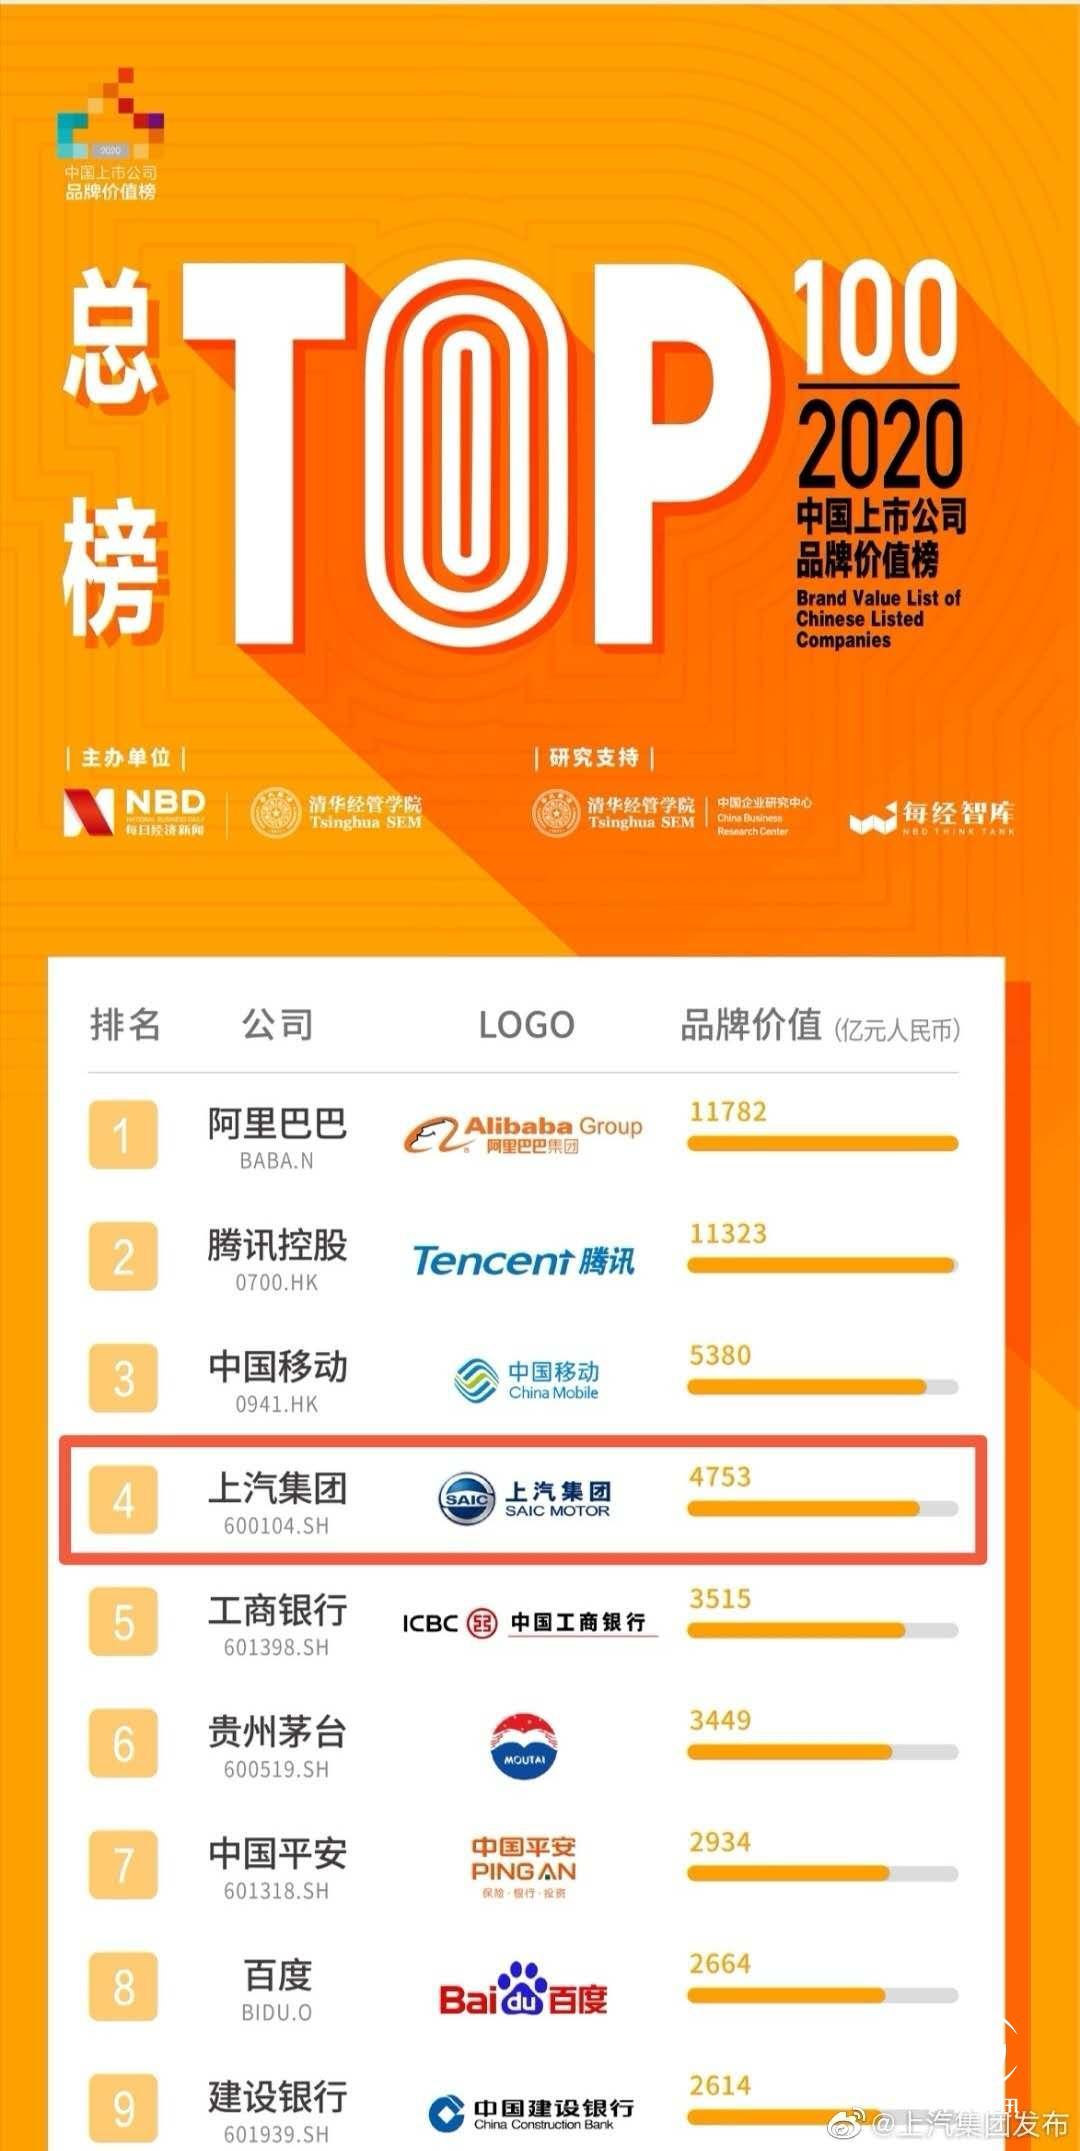 新聞圖5:2020中國上市公司品牌價值榜總榜.jpg